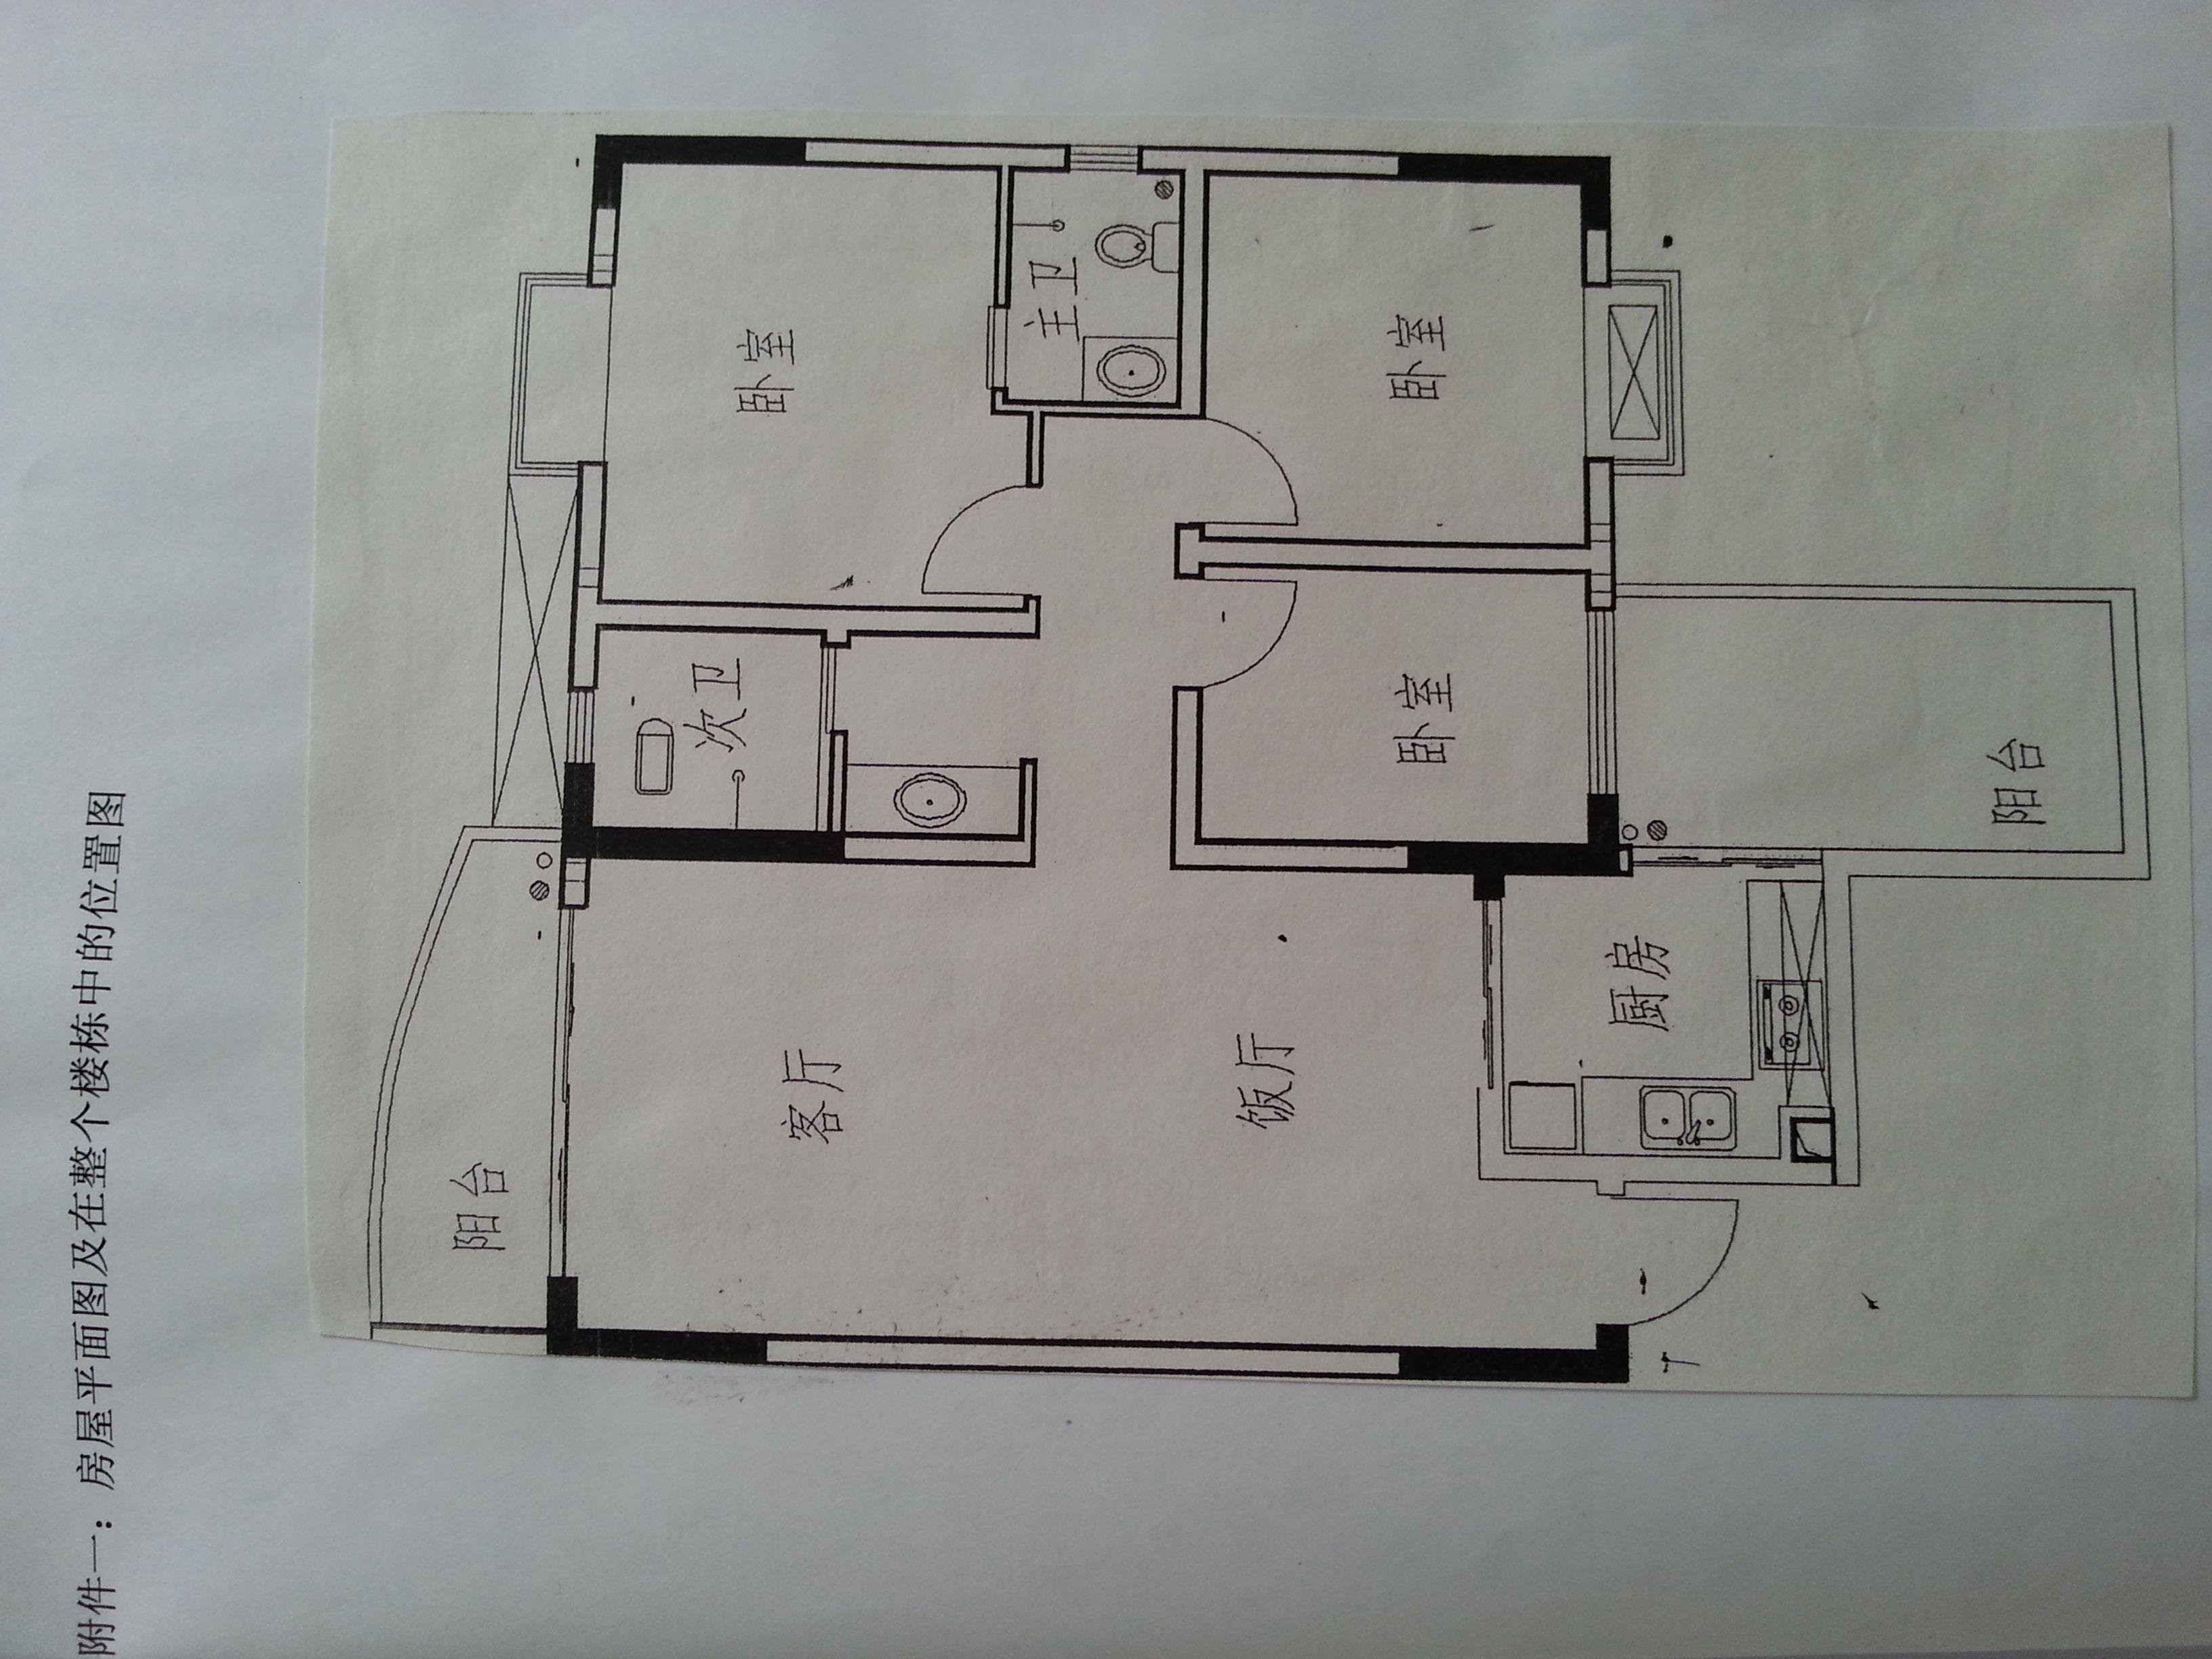 三室一厅两卫106平米的这种房子怎么装修啦?麻烦大家来点建议~~谢谢啦图片